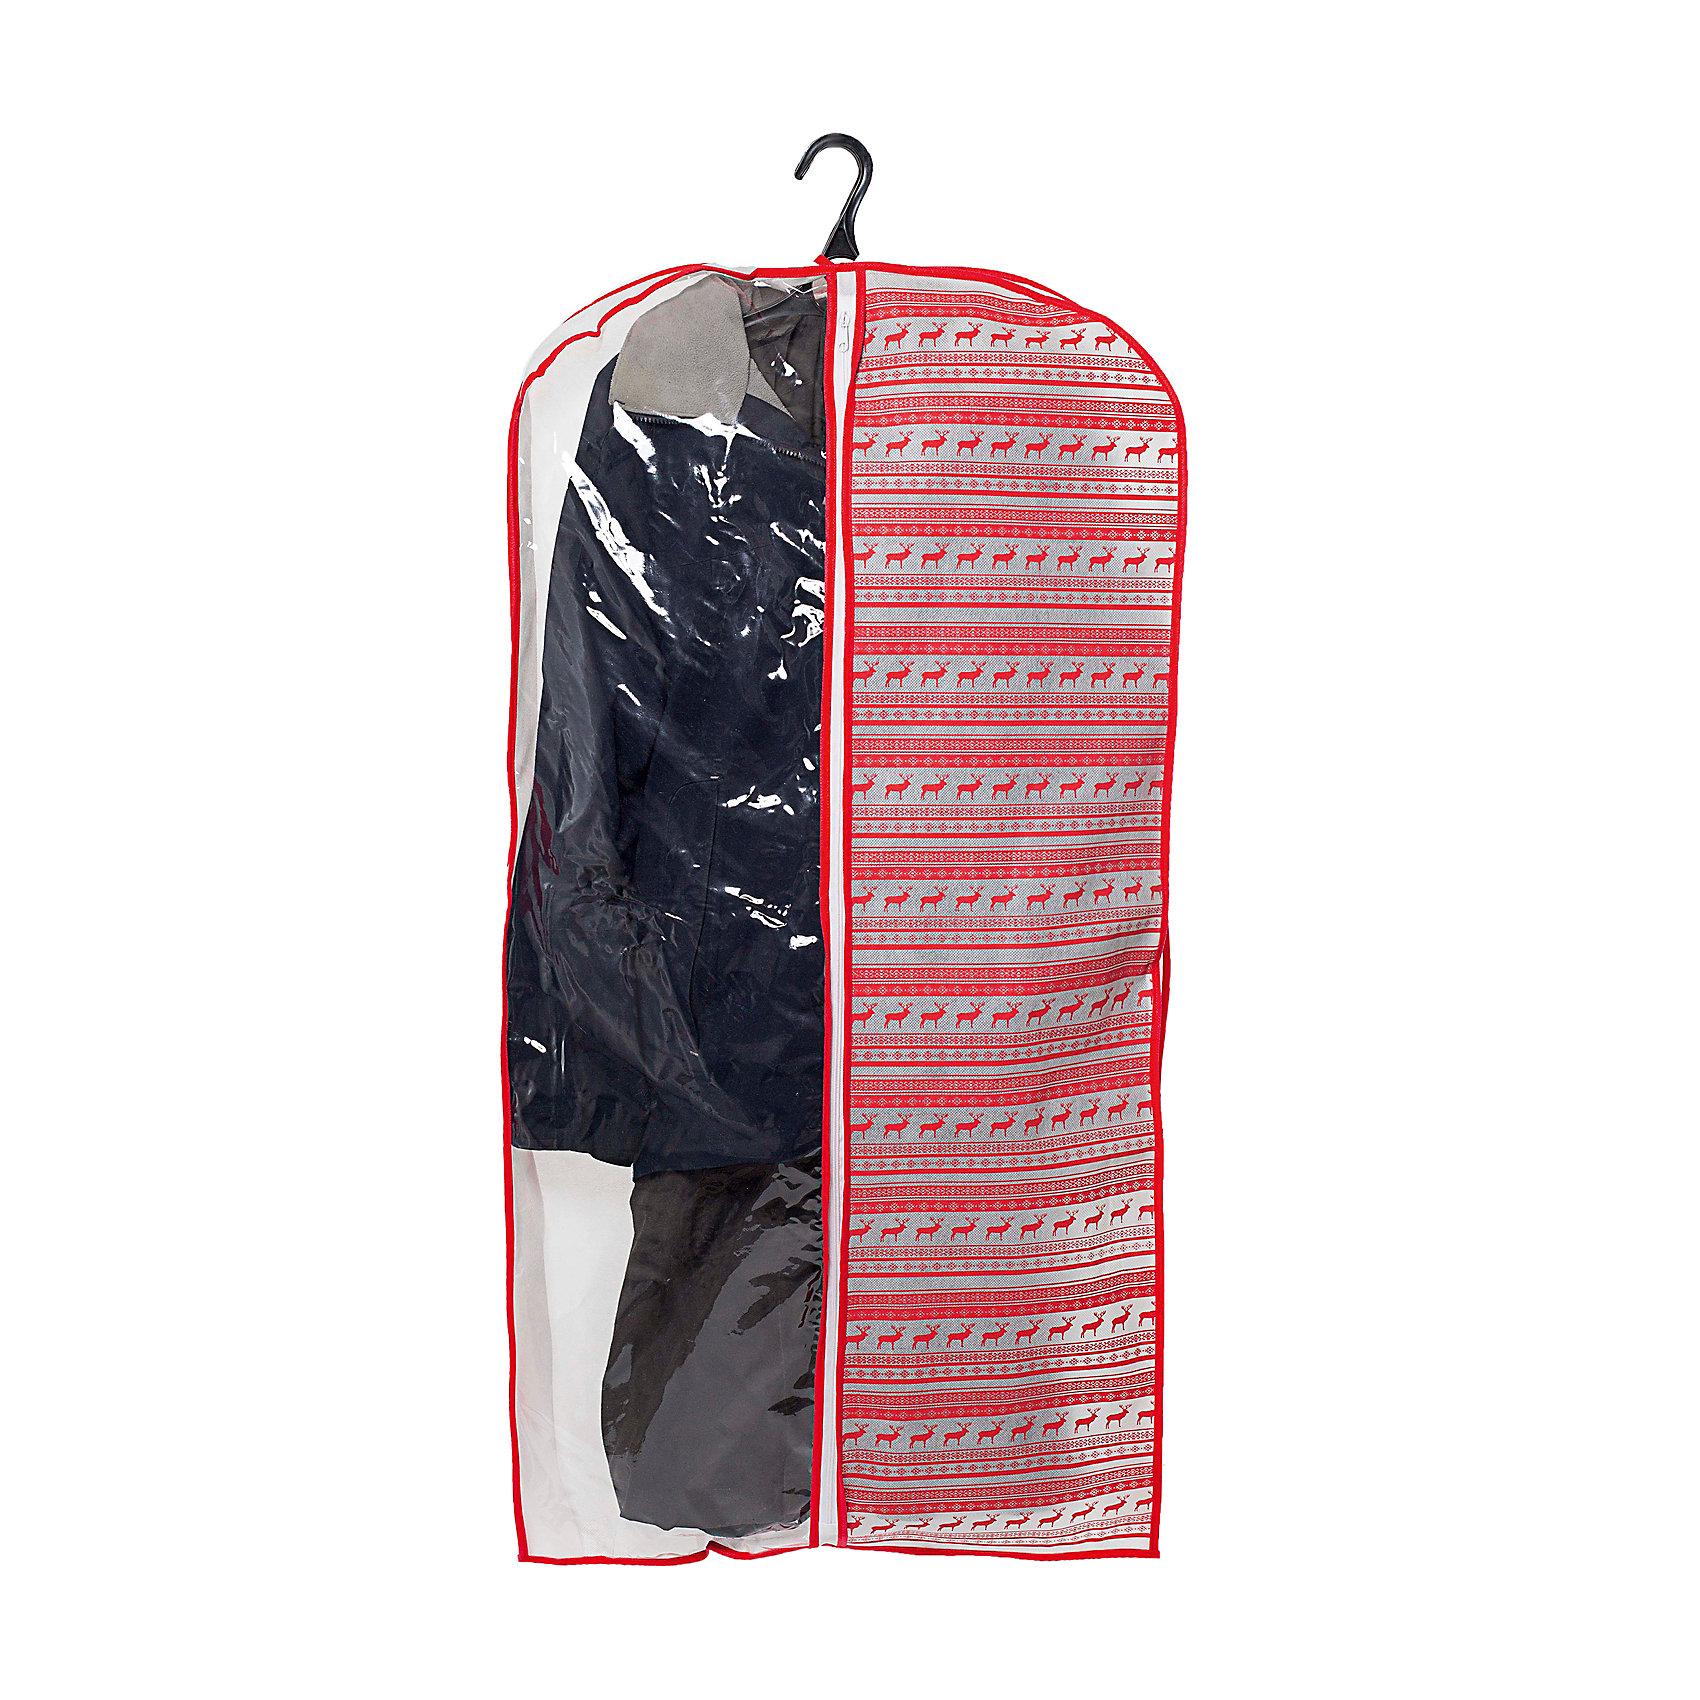 Чехол для одежды 120*60*10 Scandinavia, HomsuПорядок в детской<br>Такой чехол для одежды размером 120Х60Х10см , произведённый в очень оригинальном стиле, поможет полноценно сберечь вашу одежду, как в домашнем хранении, так и во время транспортировки. Благодаря специальному материалу- спанбонду, ваша одежда будет не доступна для моли и не выцветет, а прозрачная половина, выполненная из ПВХ, легко позволит сразу же определить, что конкретно находится внутри. Кроме того, достаточно вместительный объём чехла, легко позволяет разместить в нём большую зимнюю одежду.<br><br>Ширина мм: 260<br>Глубина мм: 200<br>Высота мм: 20<br>Вес г: 100<br>Возраст от месяцев: 216<br>Возраст до месяцев: 1188<br>Пол: Унисекс<br>Возраст: Детский<br>SKU: 5620169